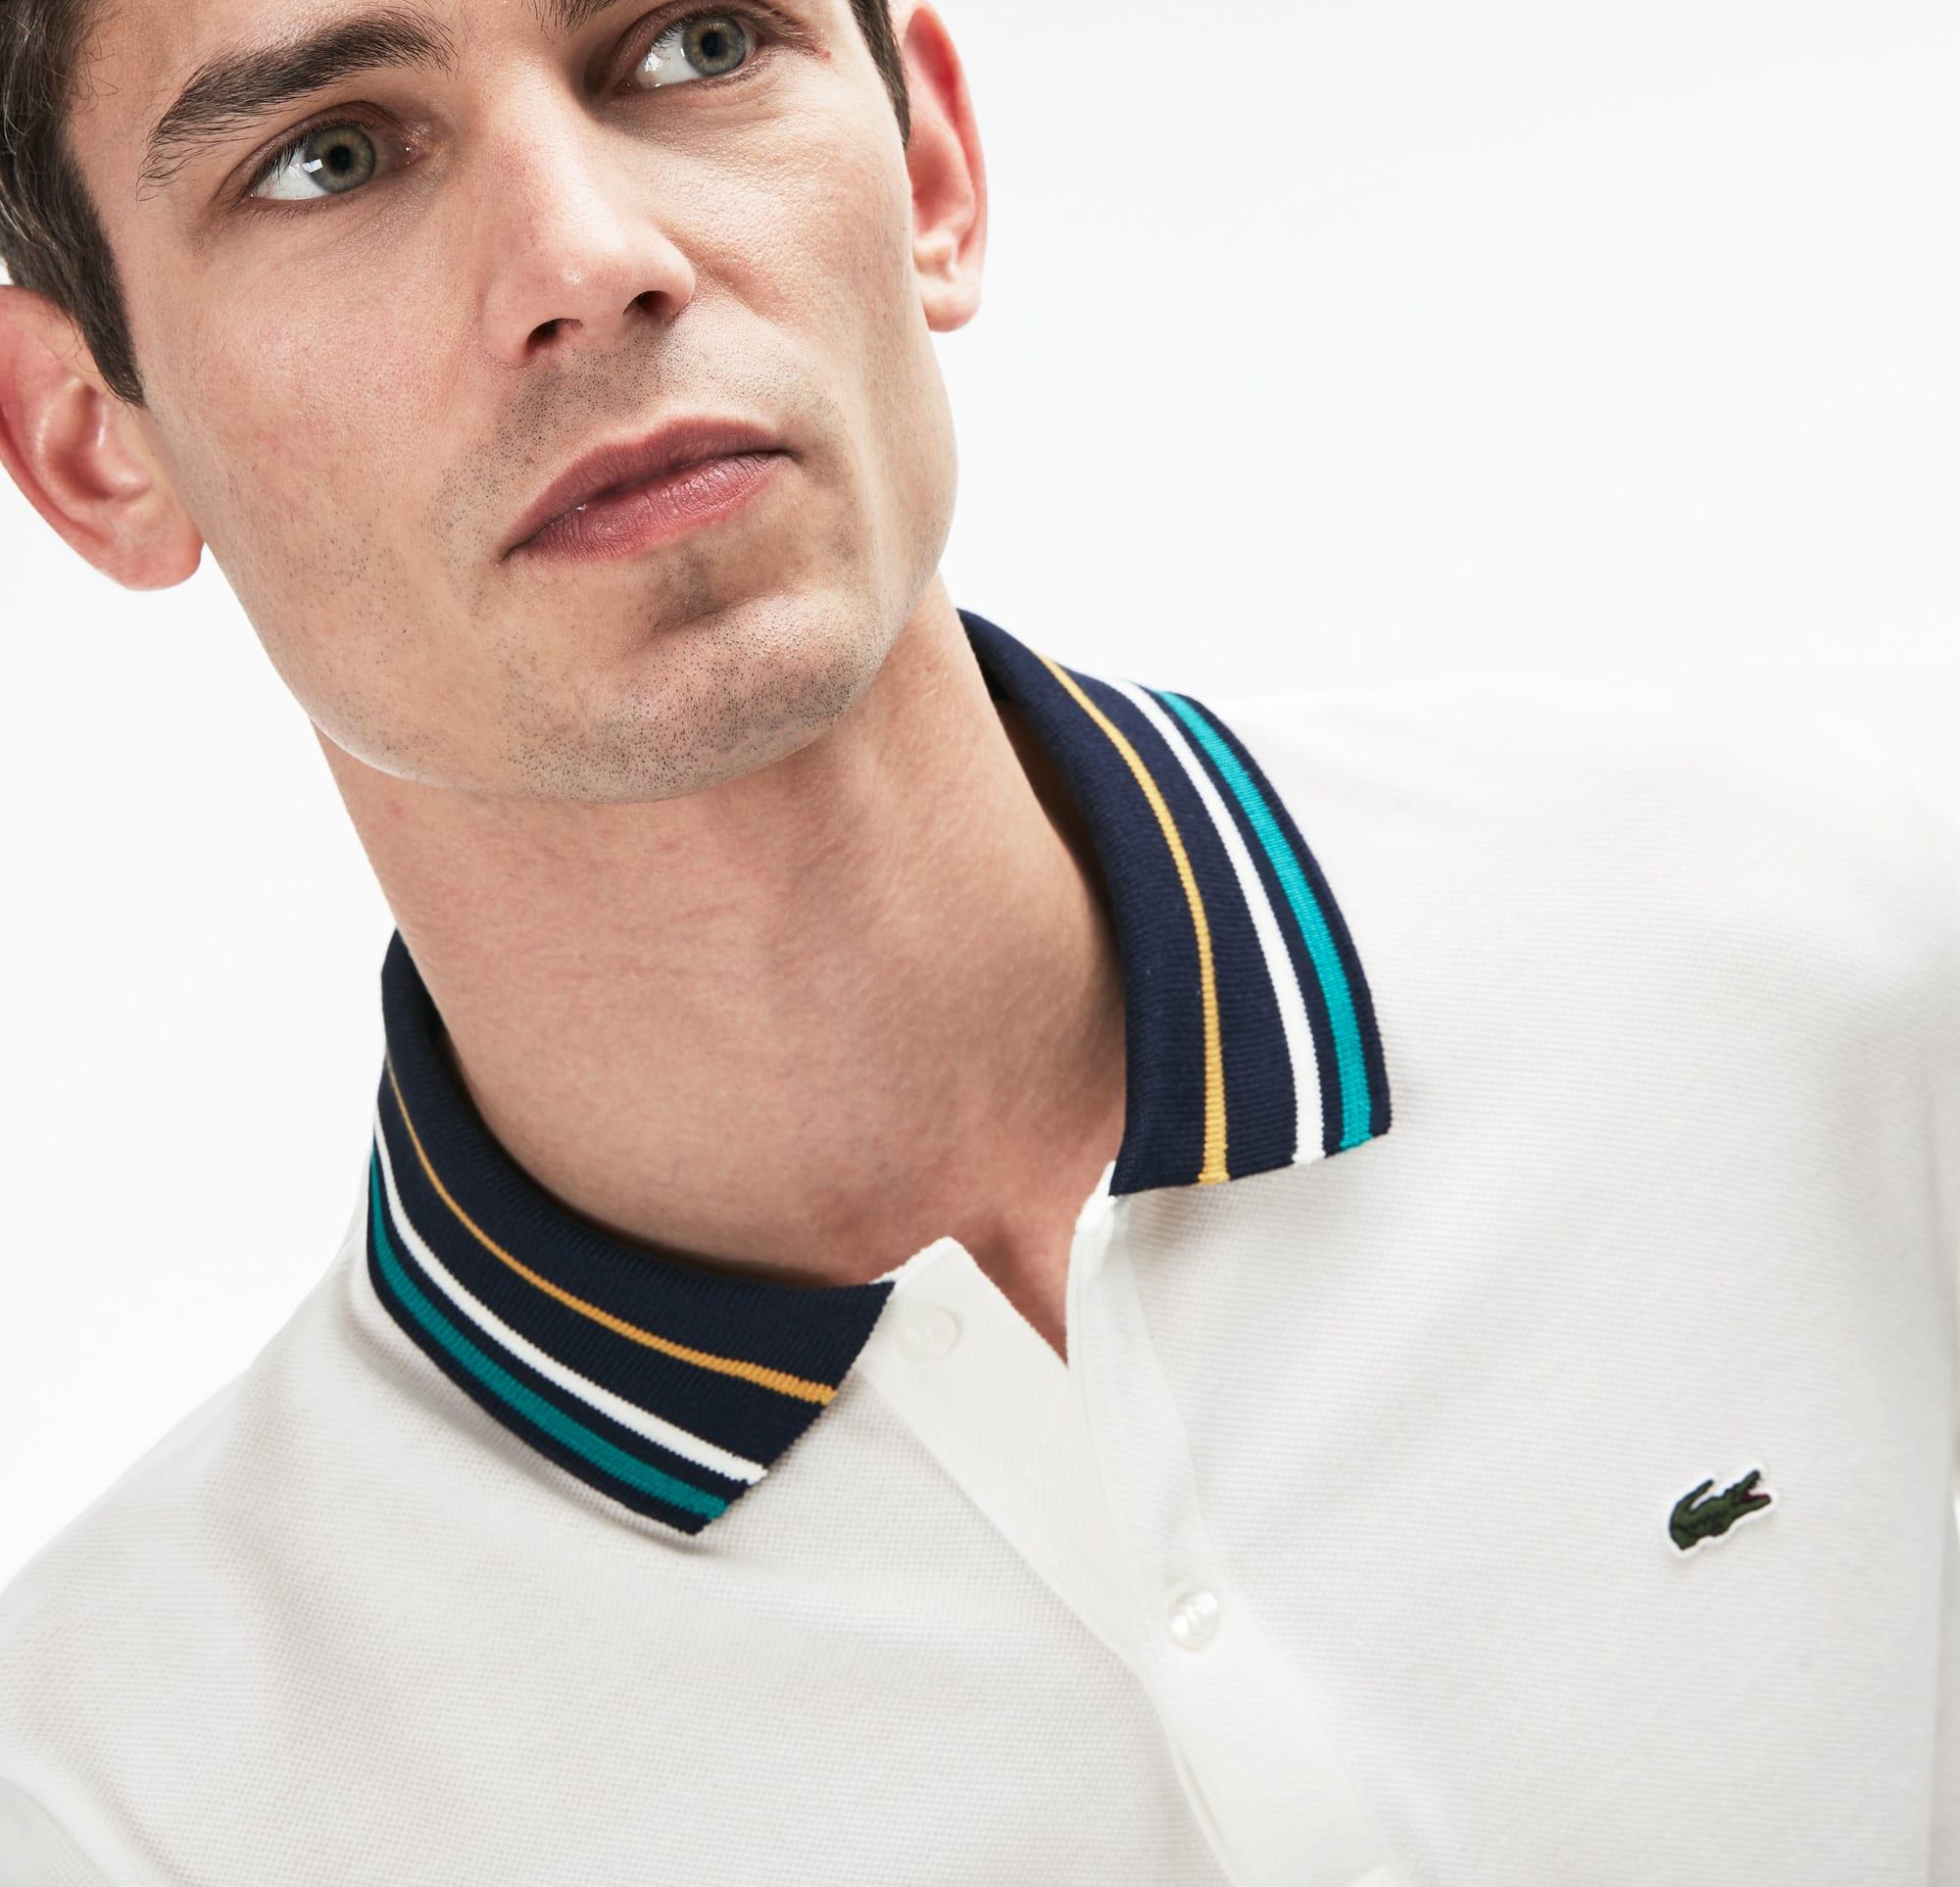 b66a74116 Men's Lacoste Slim Fit Striped Contrast Collar Petit Piqué Polo ...